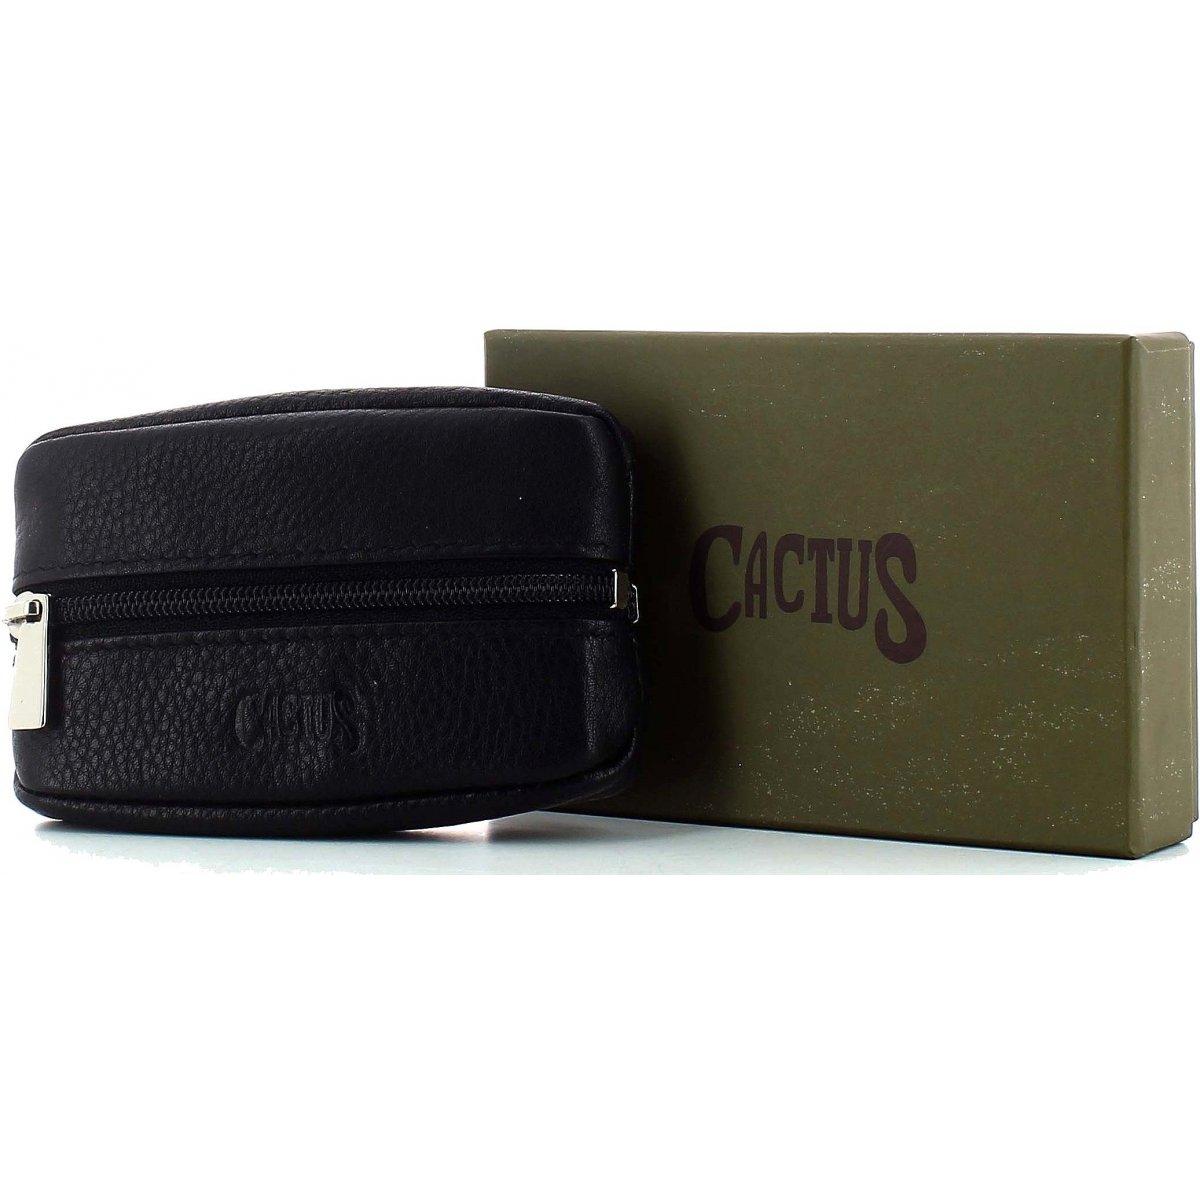 Porte monnaie cuir cactus b58461031 couleur noir for Porte bracelet pas cher